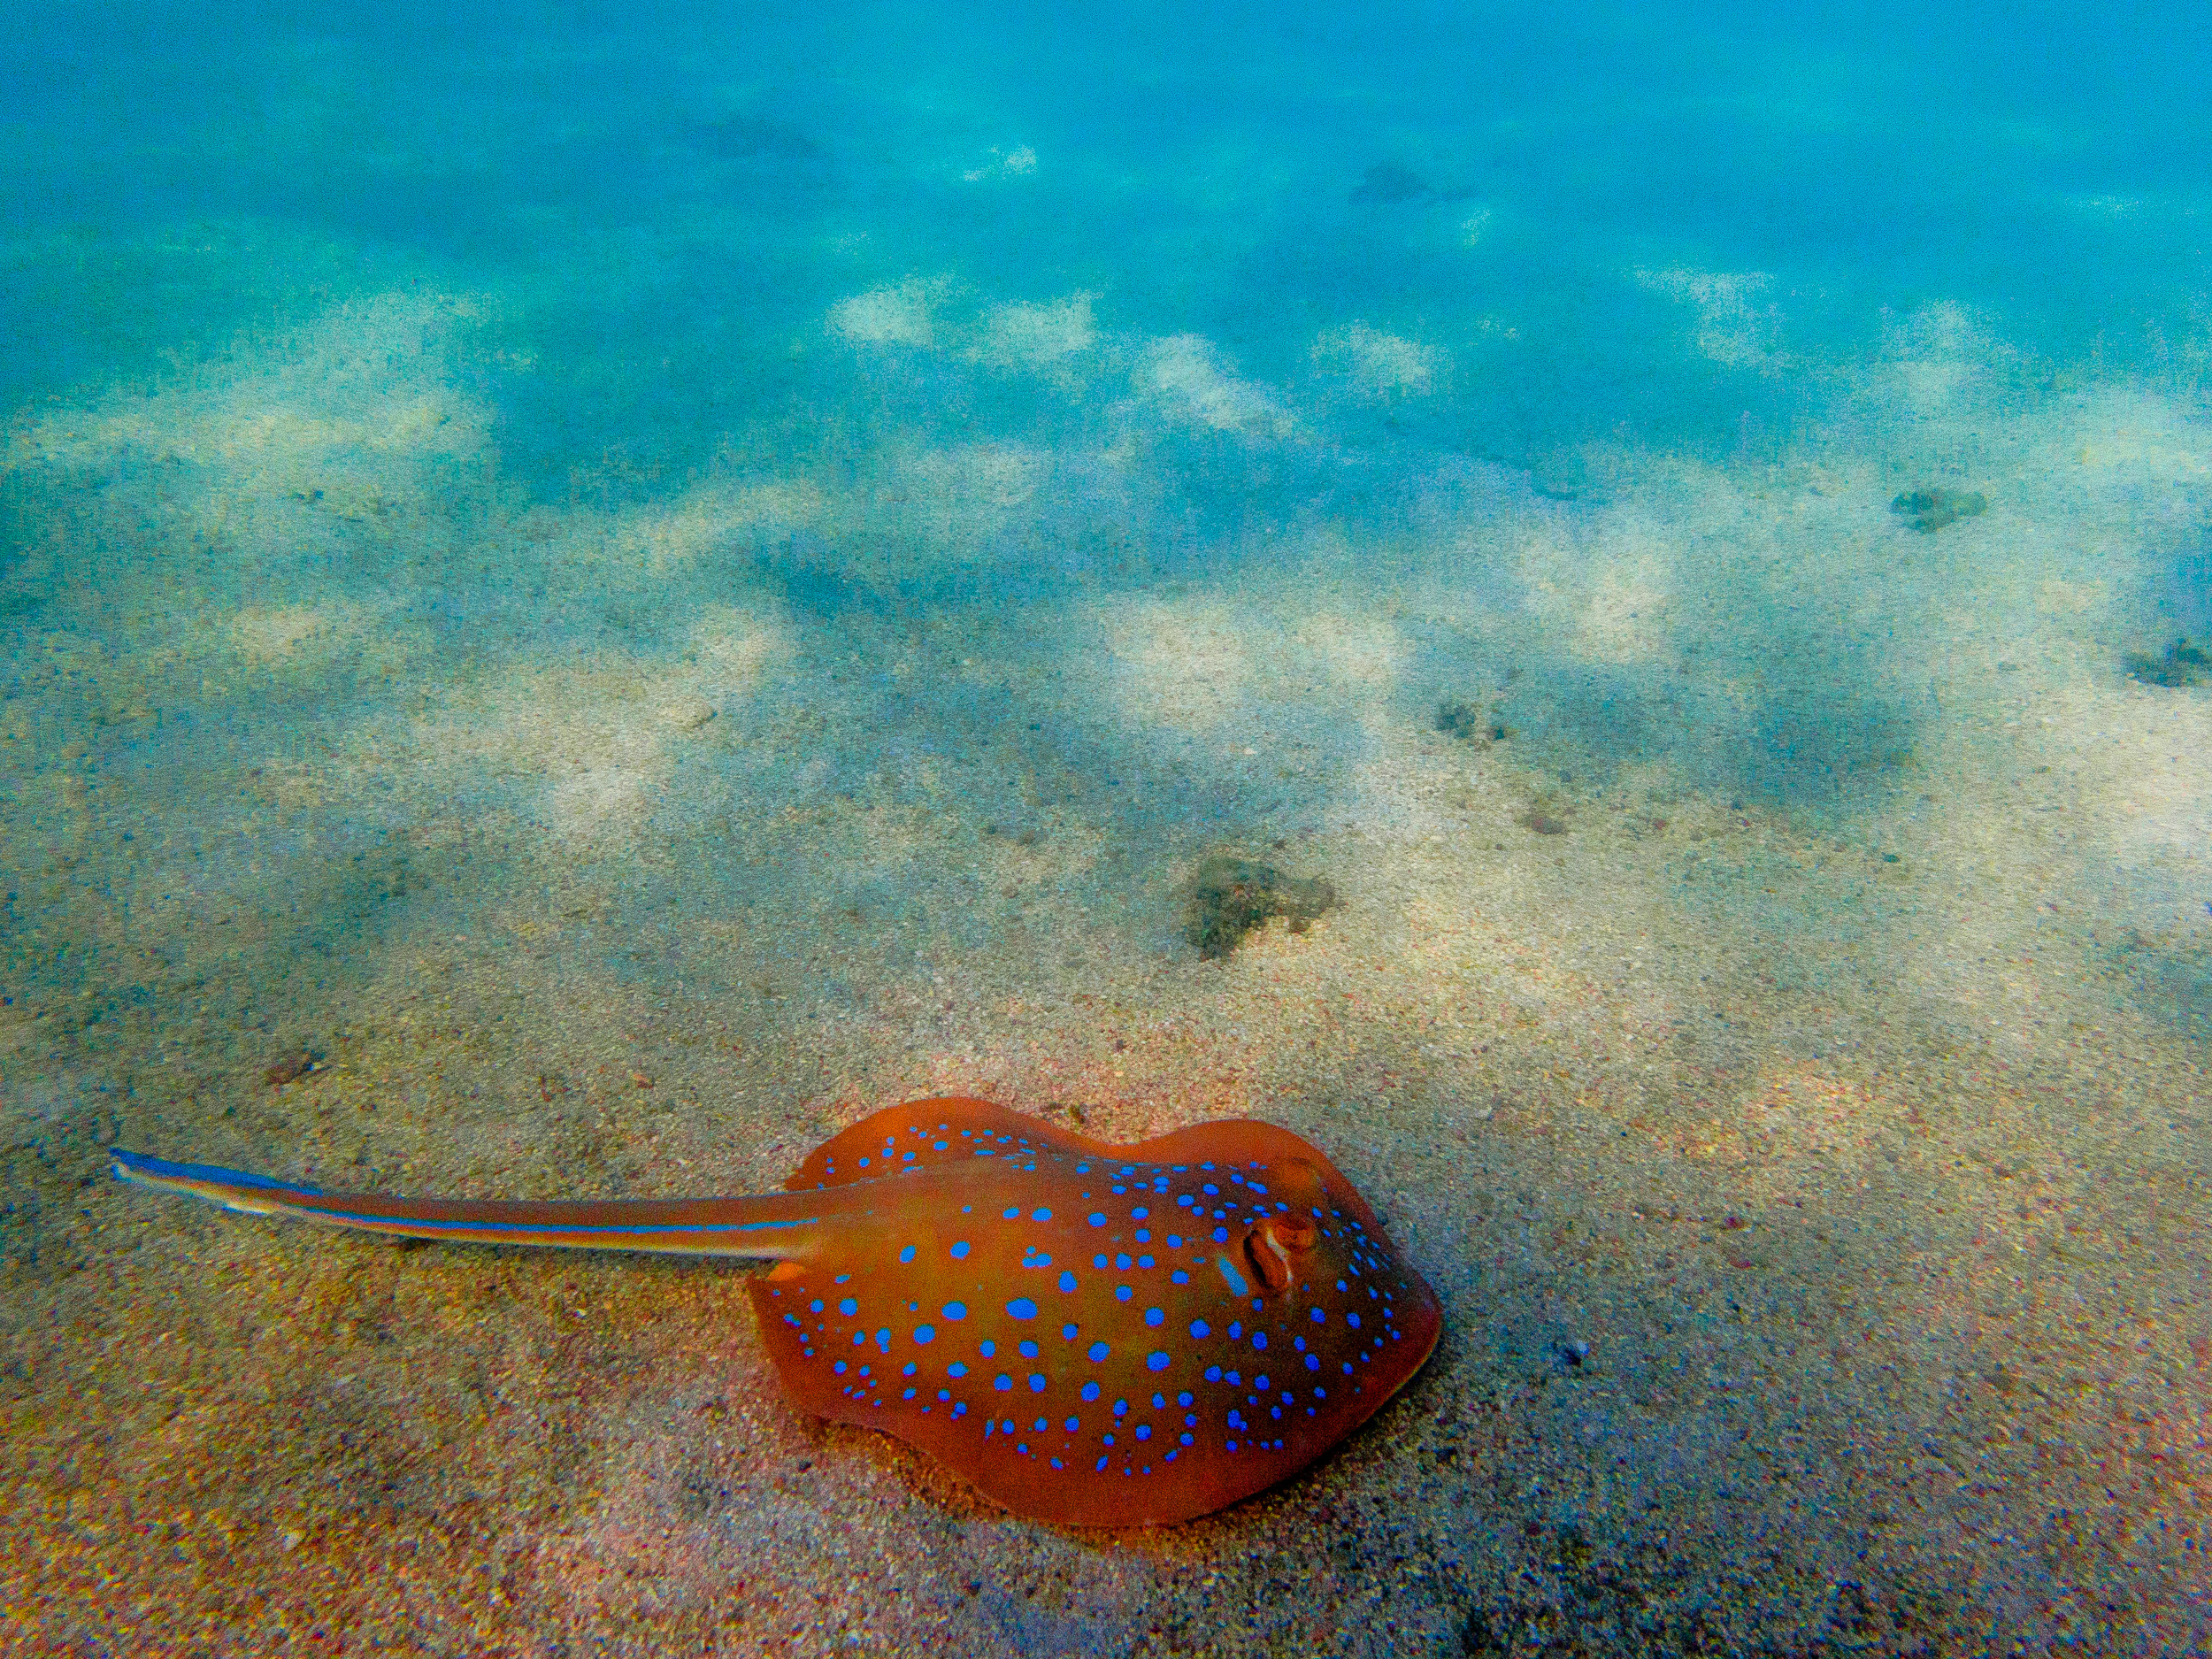 Spyrides_Kyle_Ningaloo_Reef_Sal_Salis.13.5.2016P5111236.jpg